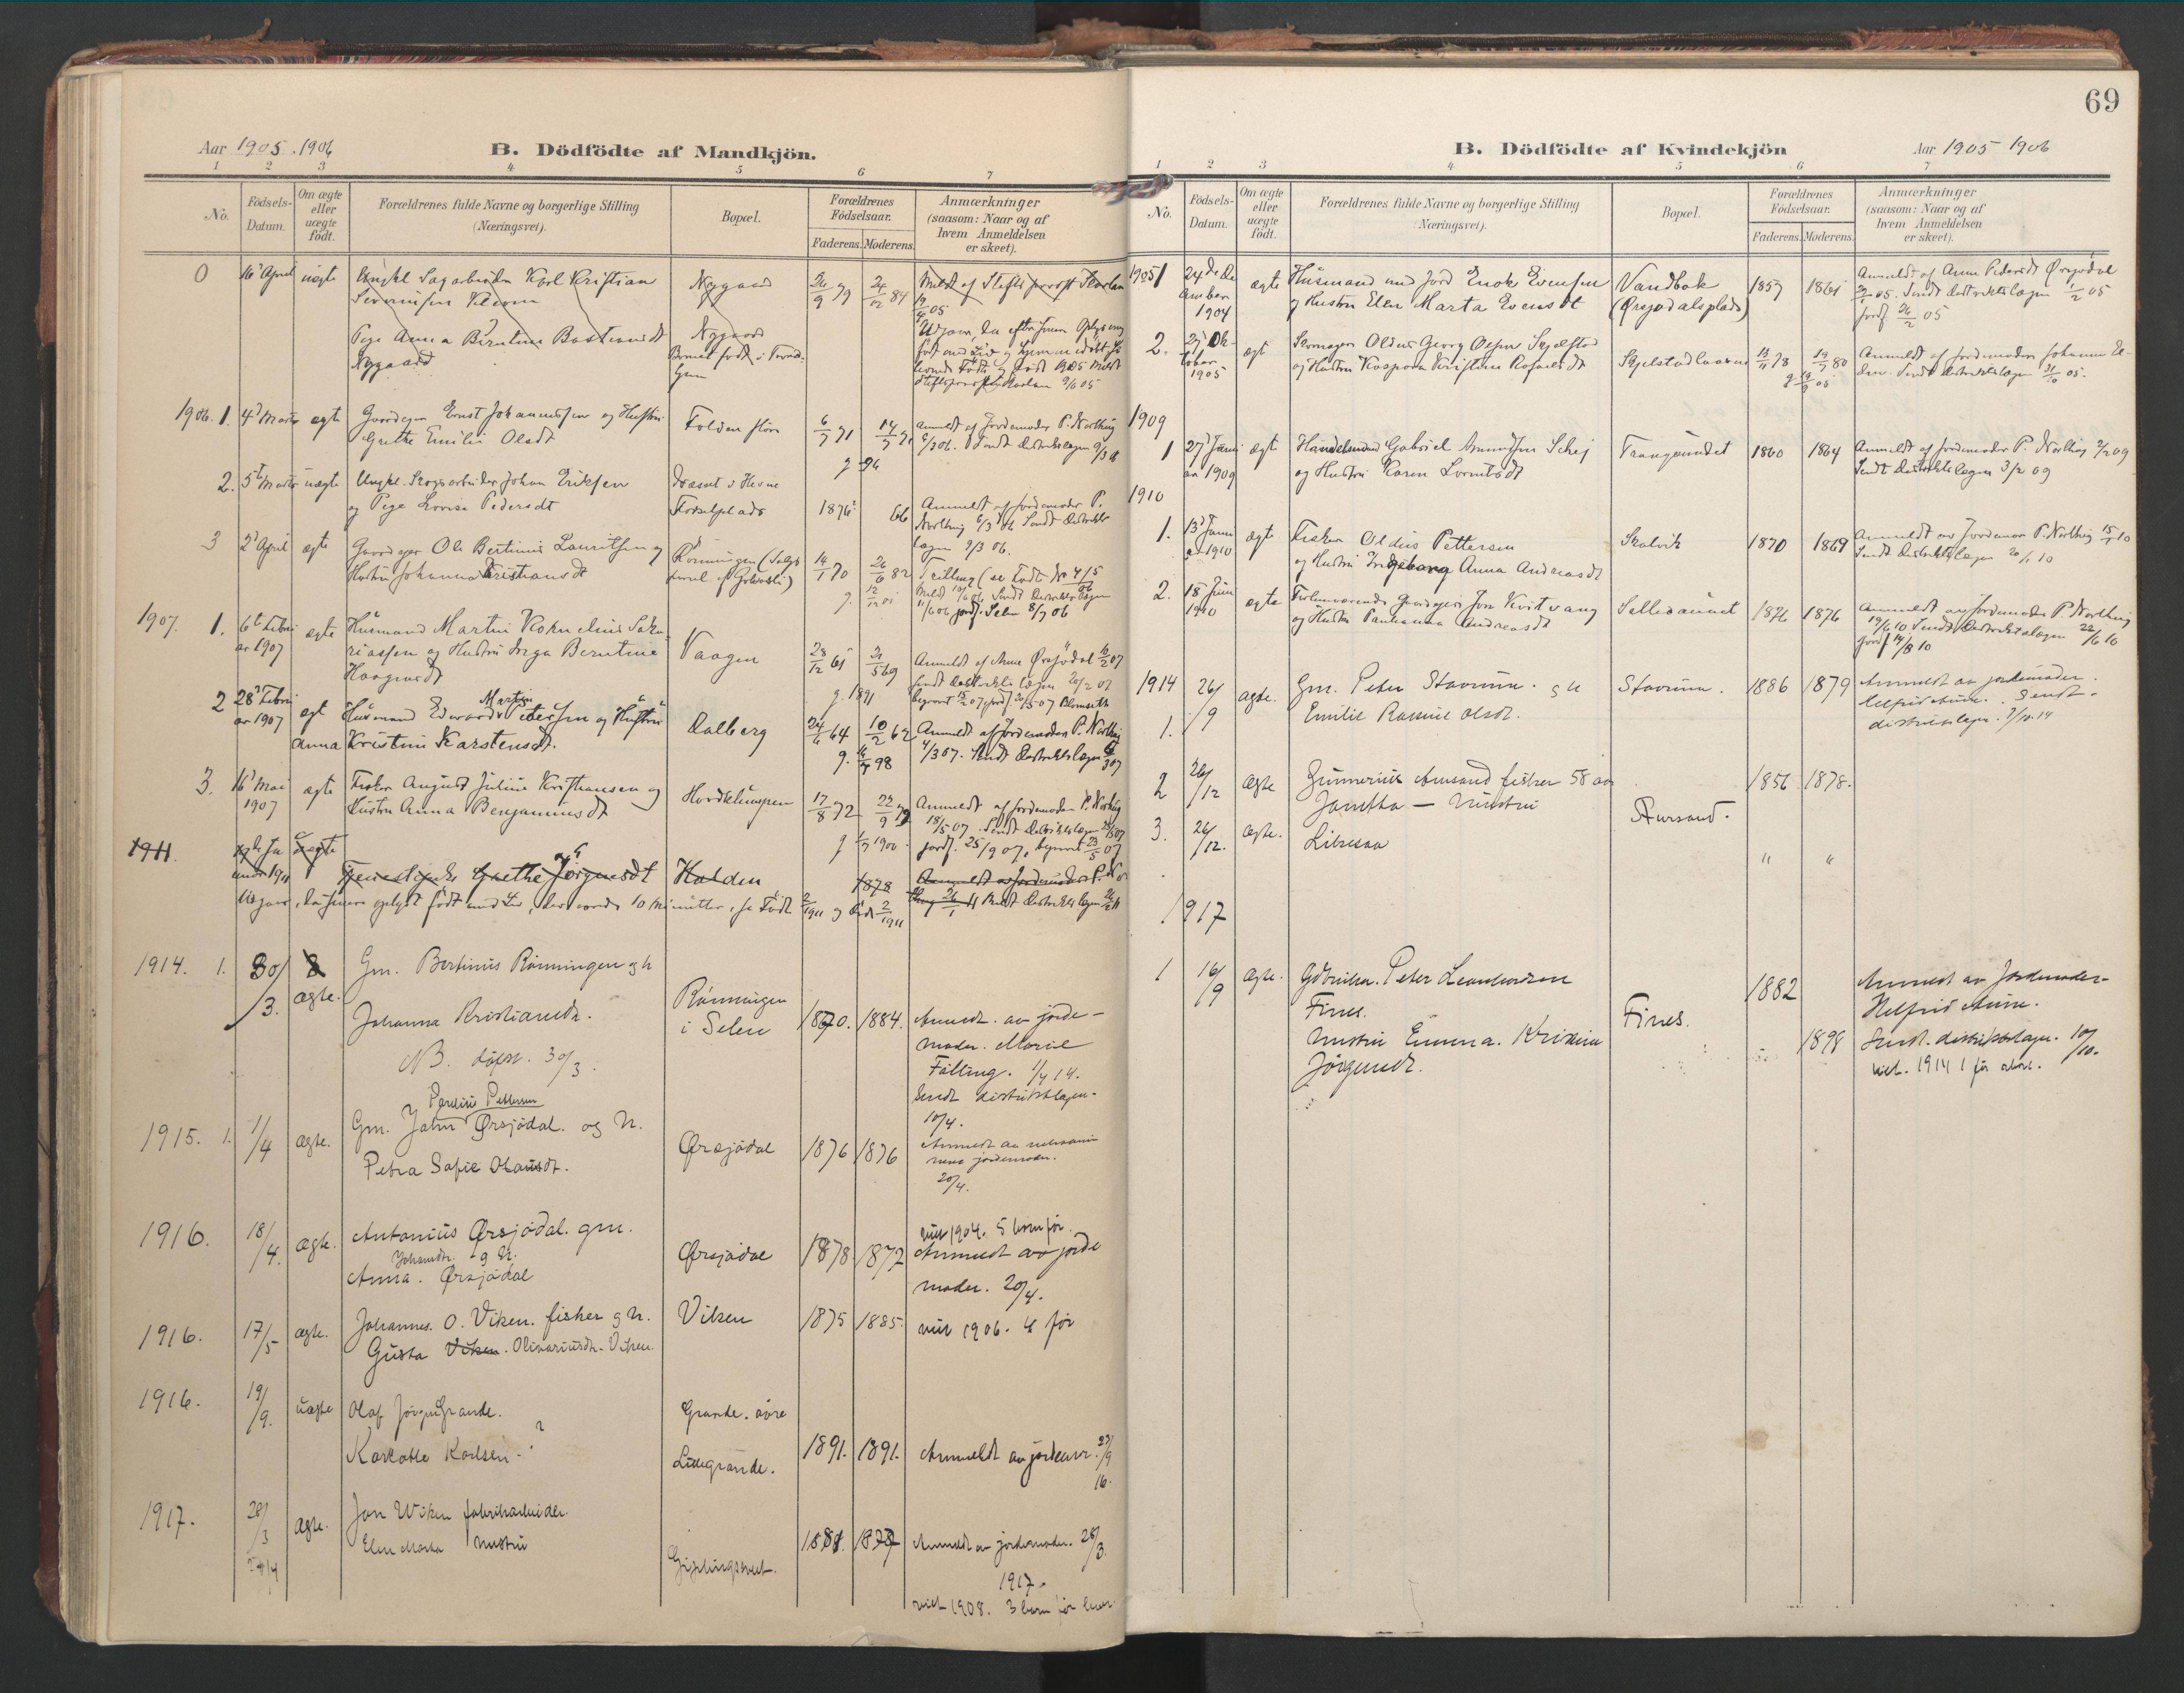 SAT, Ministerialprotokoller, klokkerbøker og fødselsregistre - Nord-Trøndelag, 744/L0421: Ministerialbok nr. 744A05, 1905-1930, s. 69